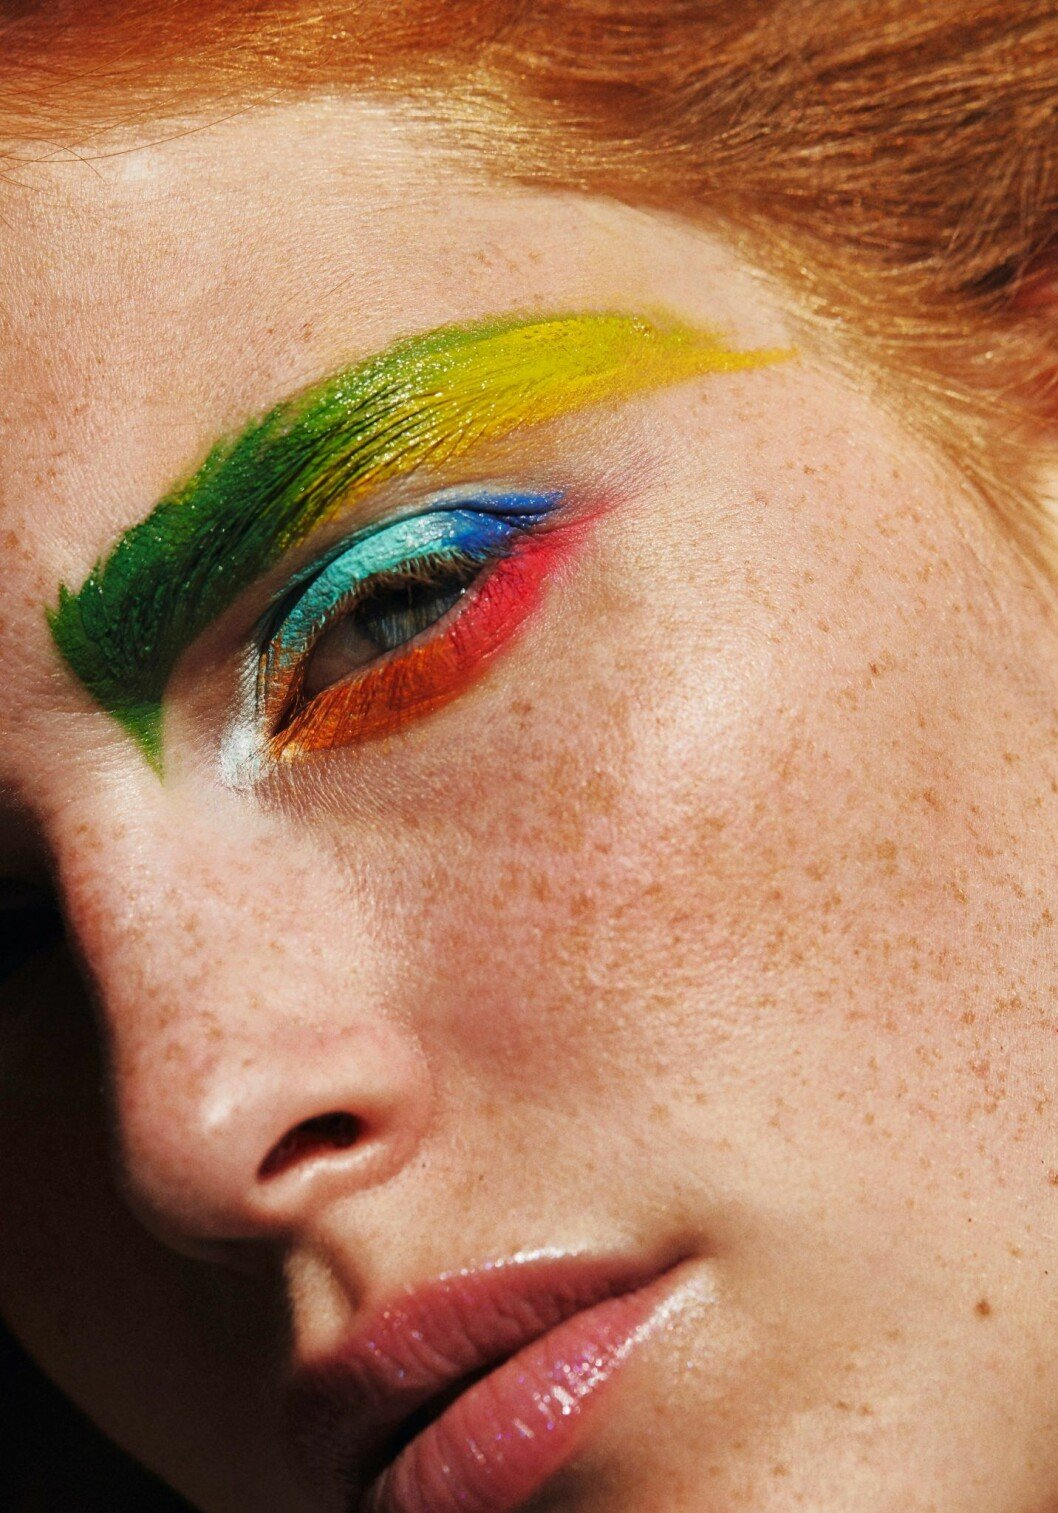 Euphoria-sminkning, färgglad ögonskugga grön, gul, blå, rosa